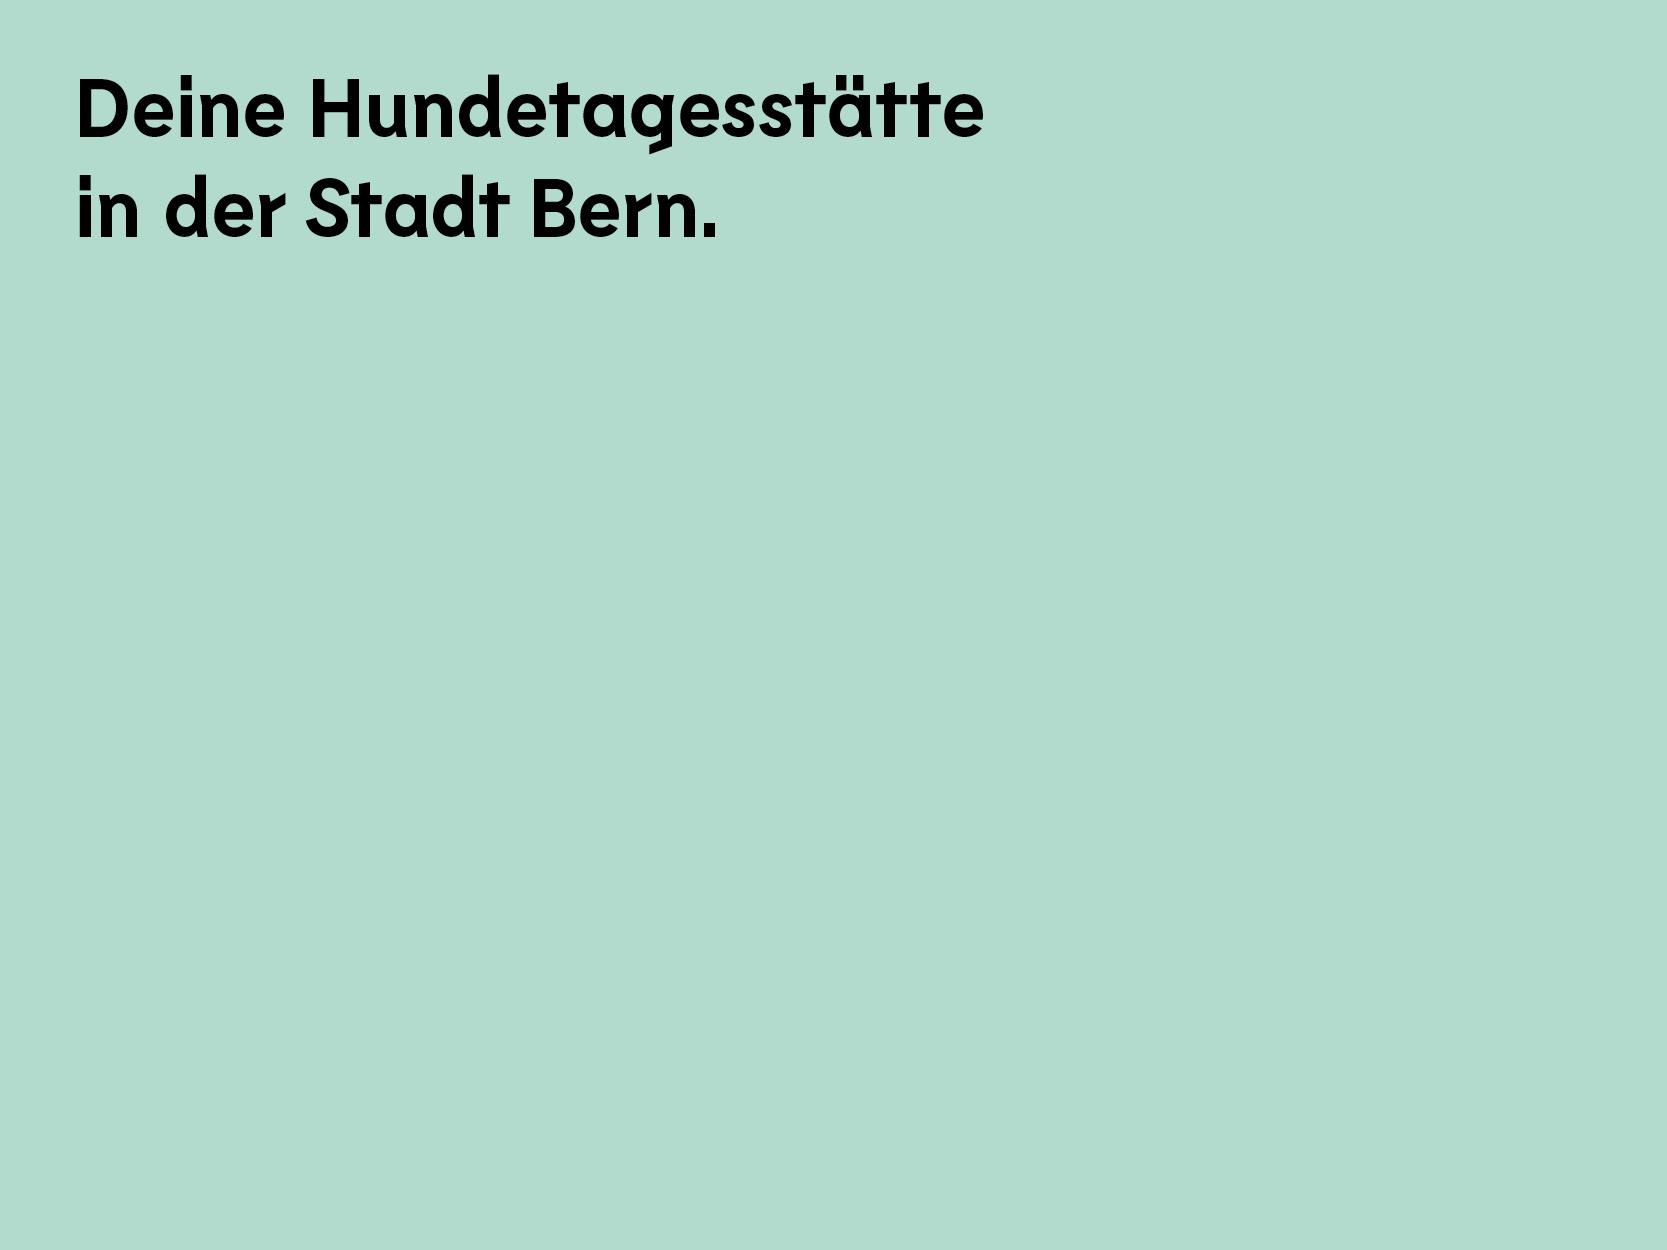 Textfelder-v2.jpg